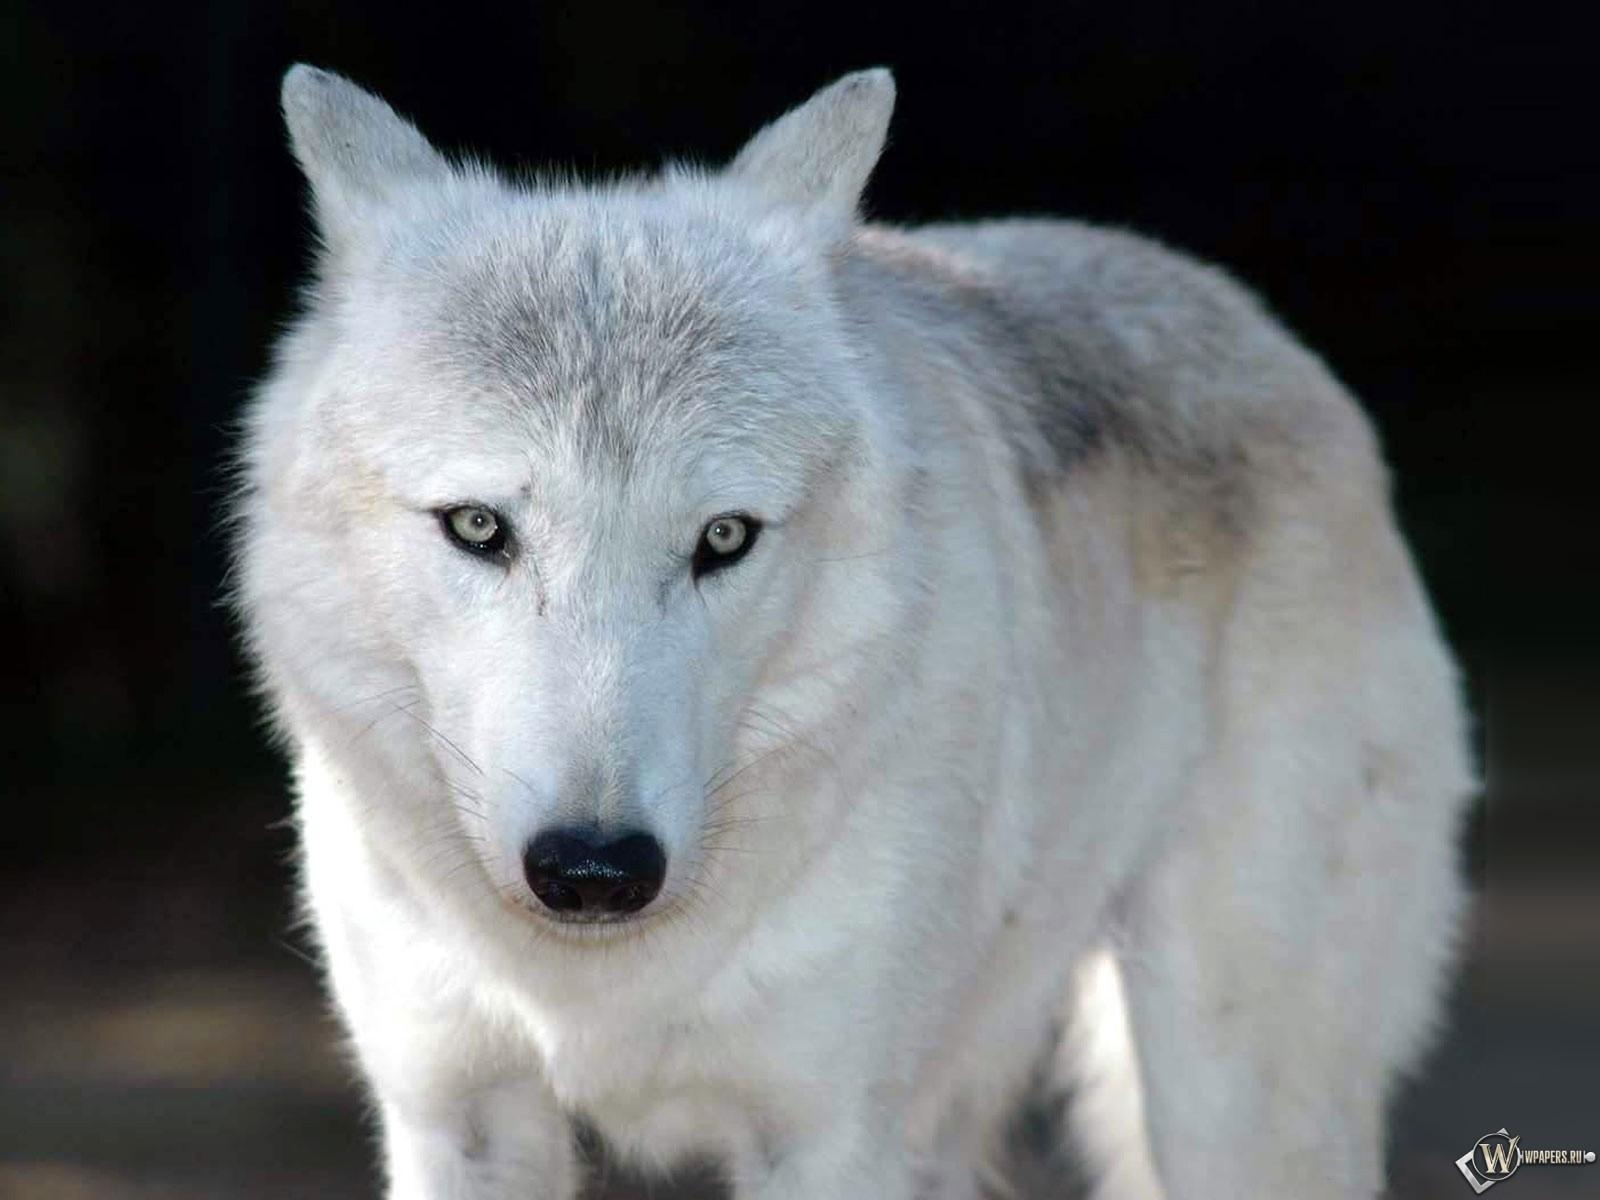 Animals Wallpaper 3d Hd 2 0 Apk Download: Скачать обои Белый волк (Взгляд, Белый волк) для рабочего